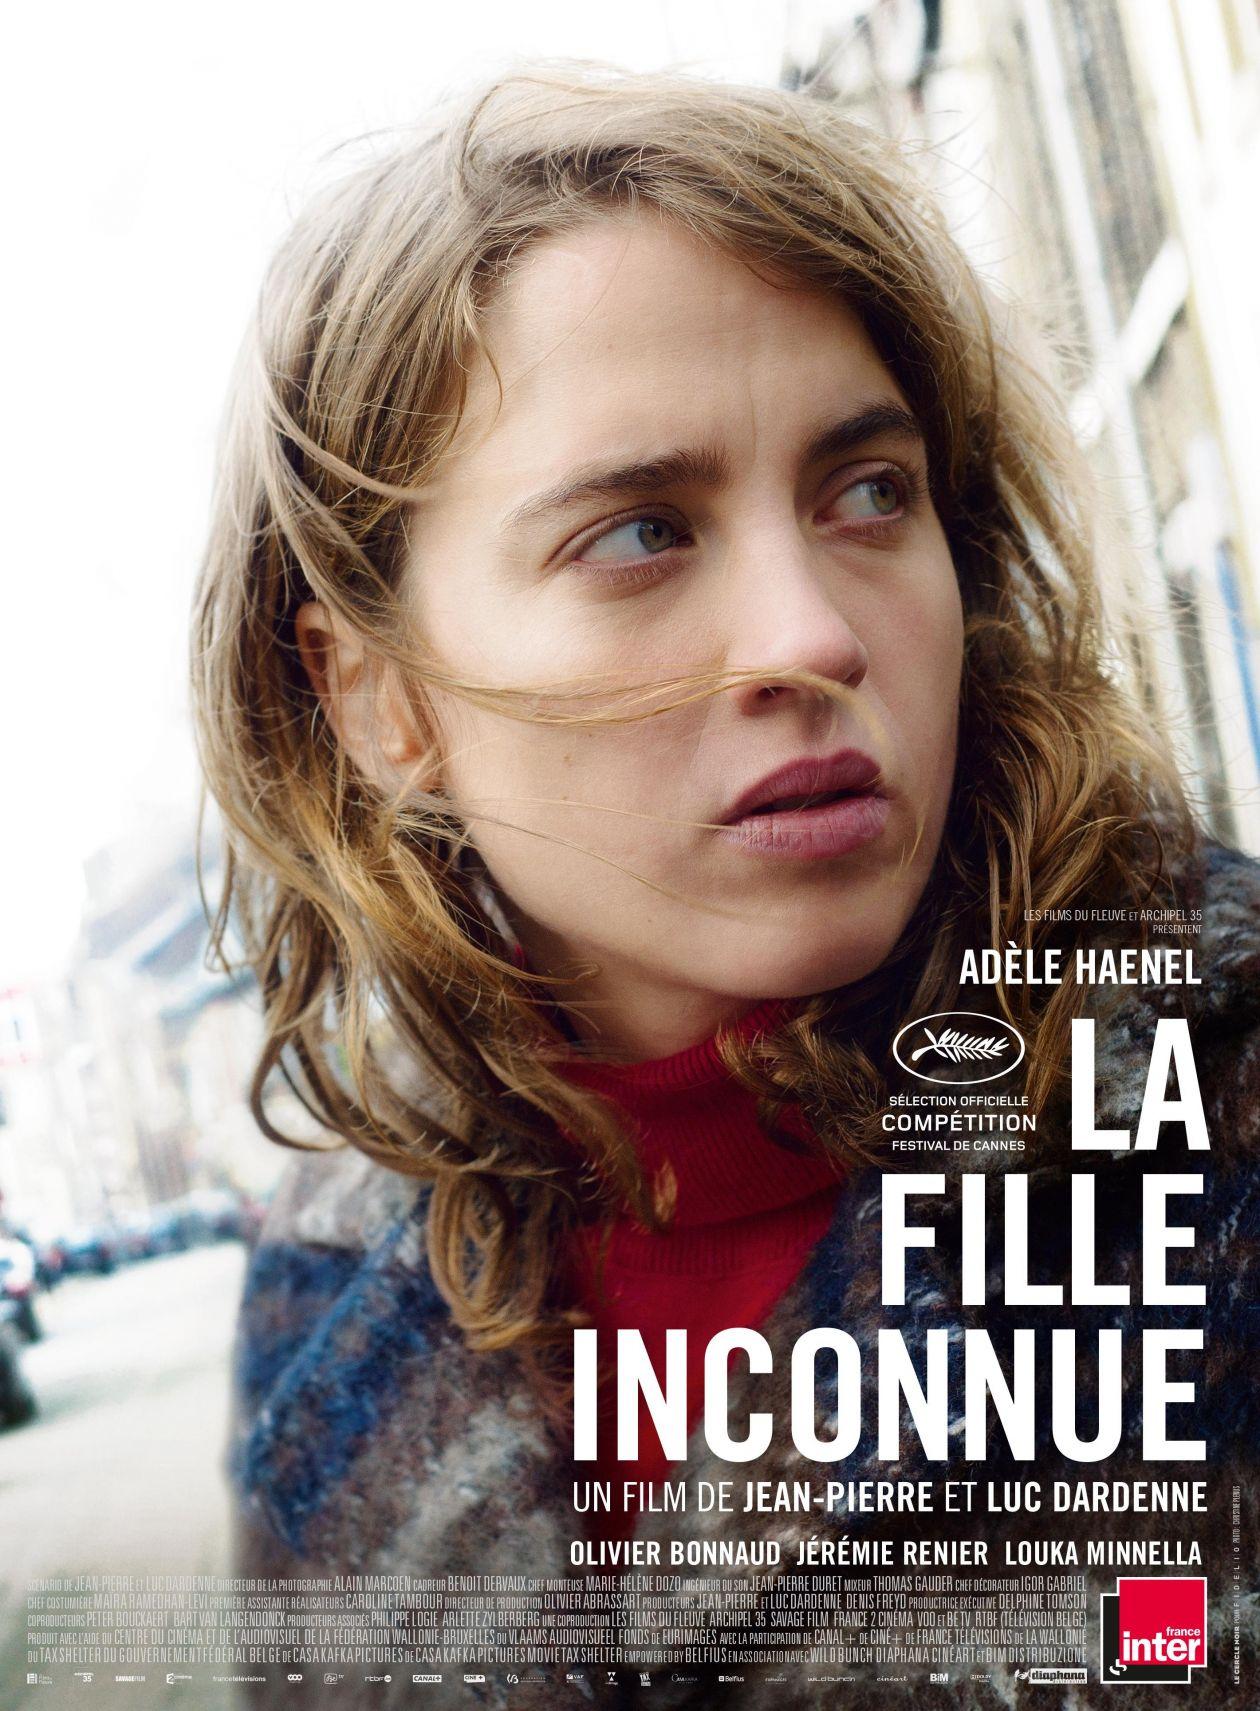 Adèle Haenel actress actrice comédienne | La fille inconnue / Jean-Pierre Dardenne Luc Dardenne 2016 Movie Poster Affiche film